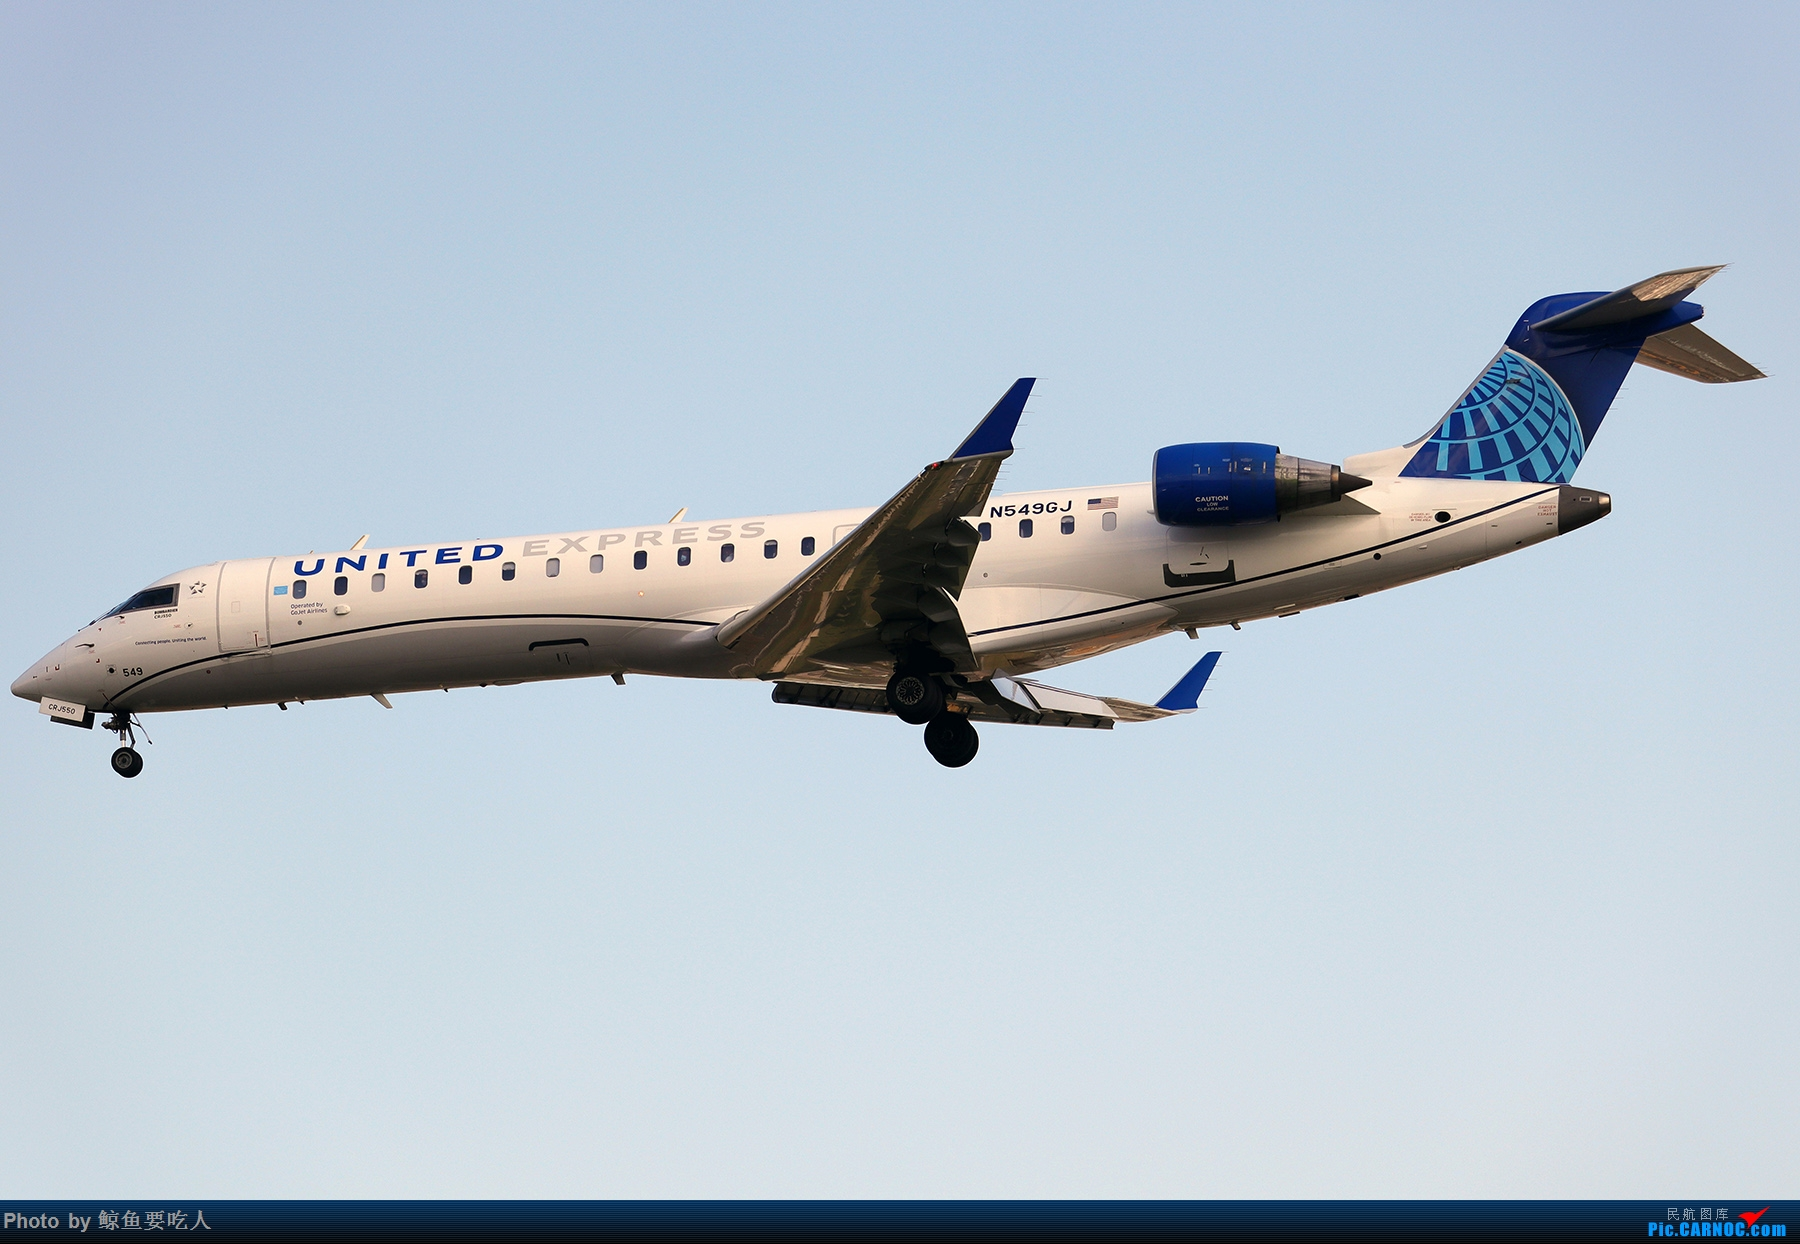 Re:[原创]【多图党】见证疫情后逐步的恢复,加拿大夏日多伦多皮尔逊机场拍机~ 乐见诸航空公司复航多伦多 BOMBARDIER CRJ N549GJ 多伦多皮尔逊国际机场